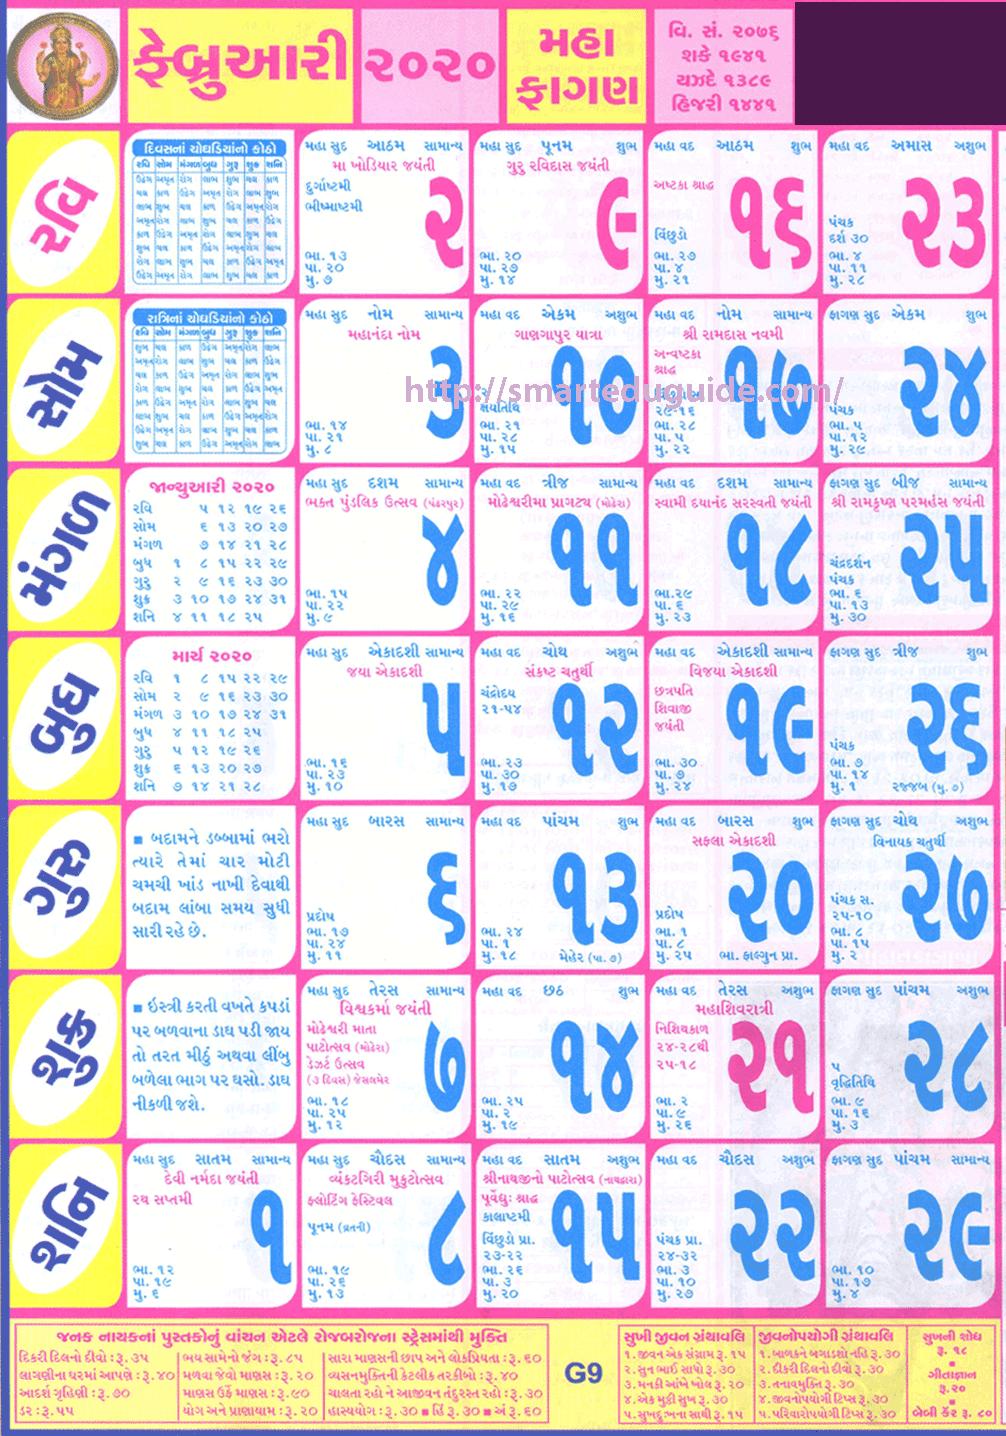 Gujarati Calendar 2020 February | Seg intended for February 2020 Calendar Gujarati